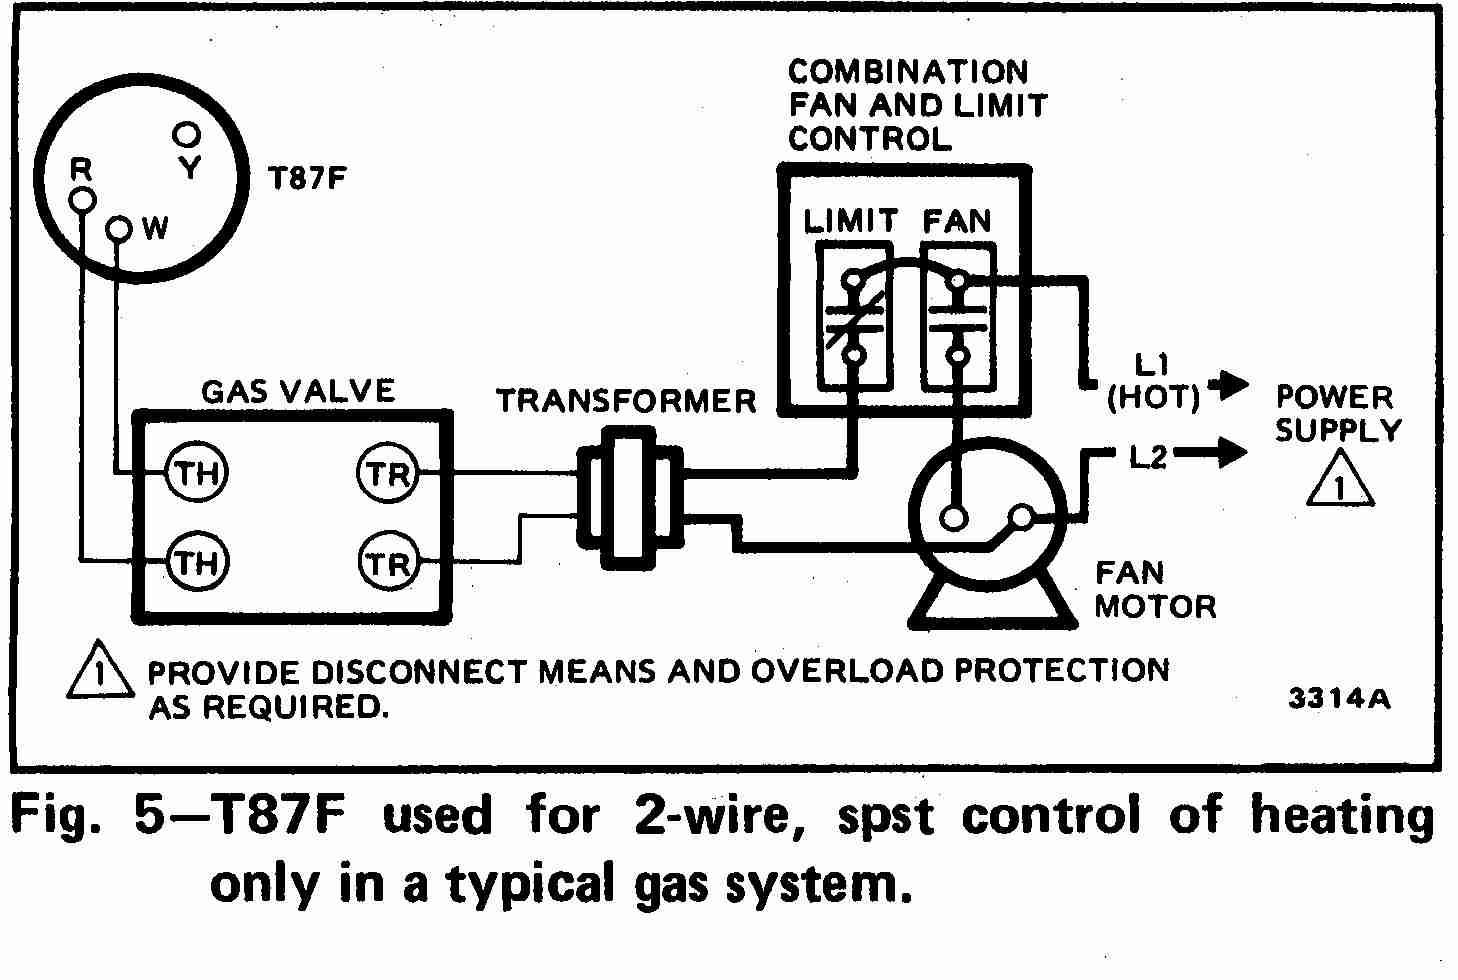 Furnace Wiring Diagram